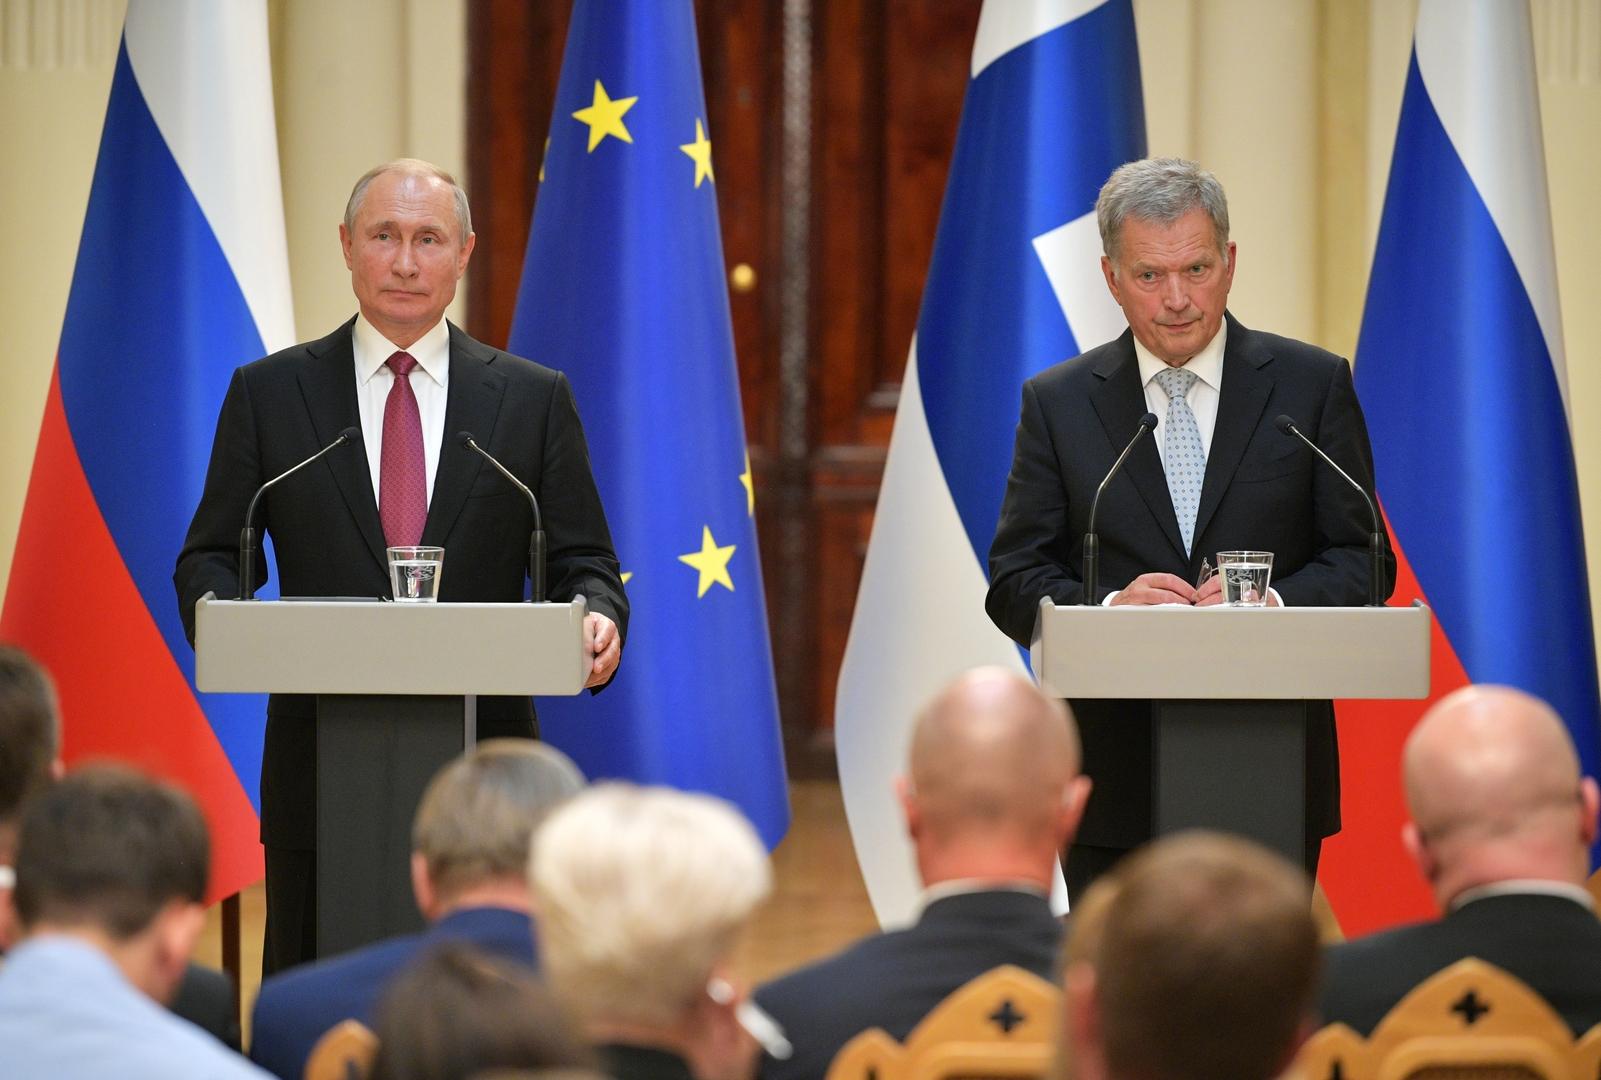 اتصال بين بوتين ورئيس فنلندا حول التسوية الأوكرانية واللقاء المحتمل مع بايدن